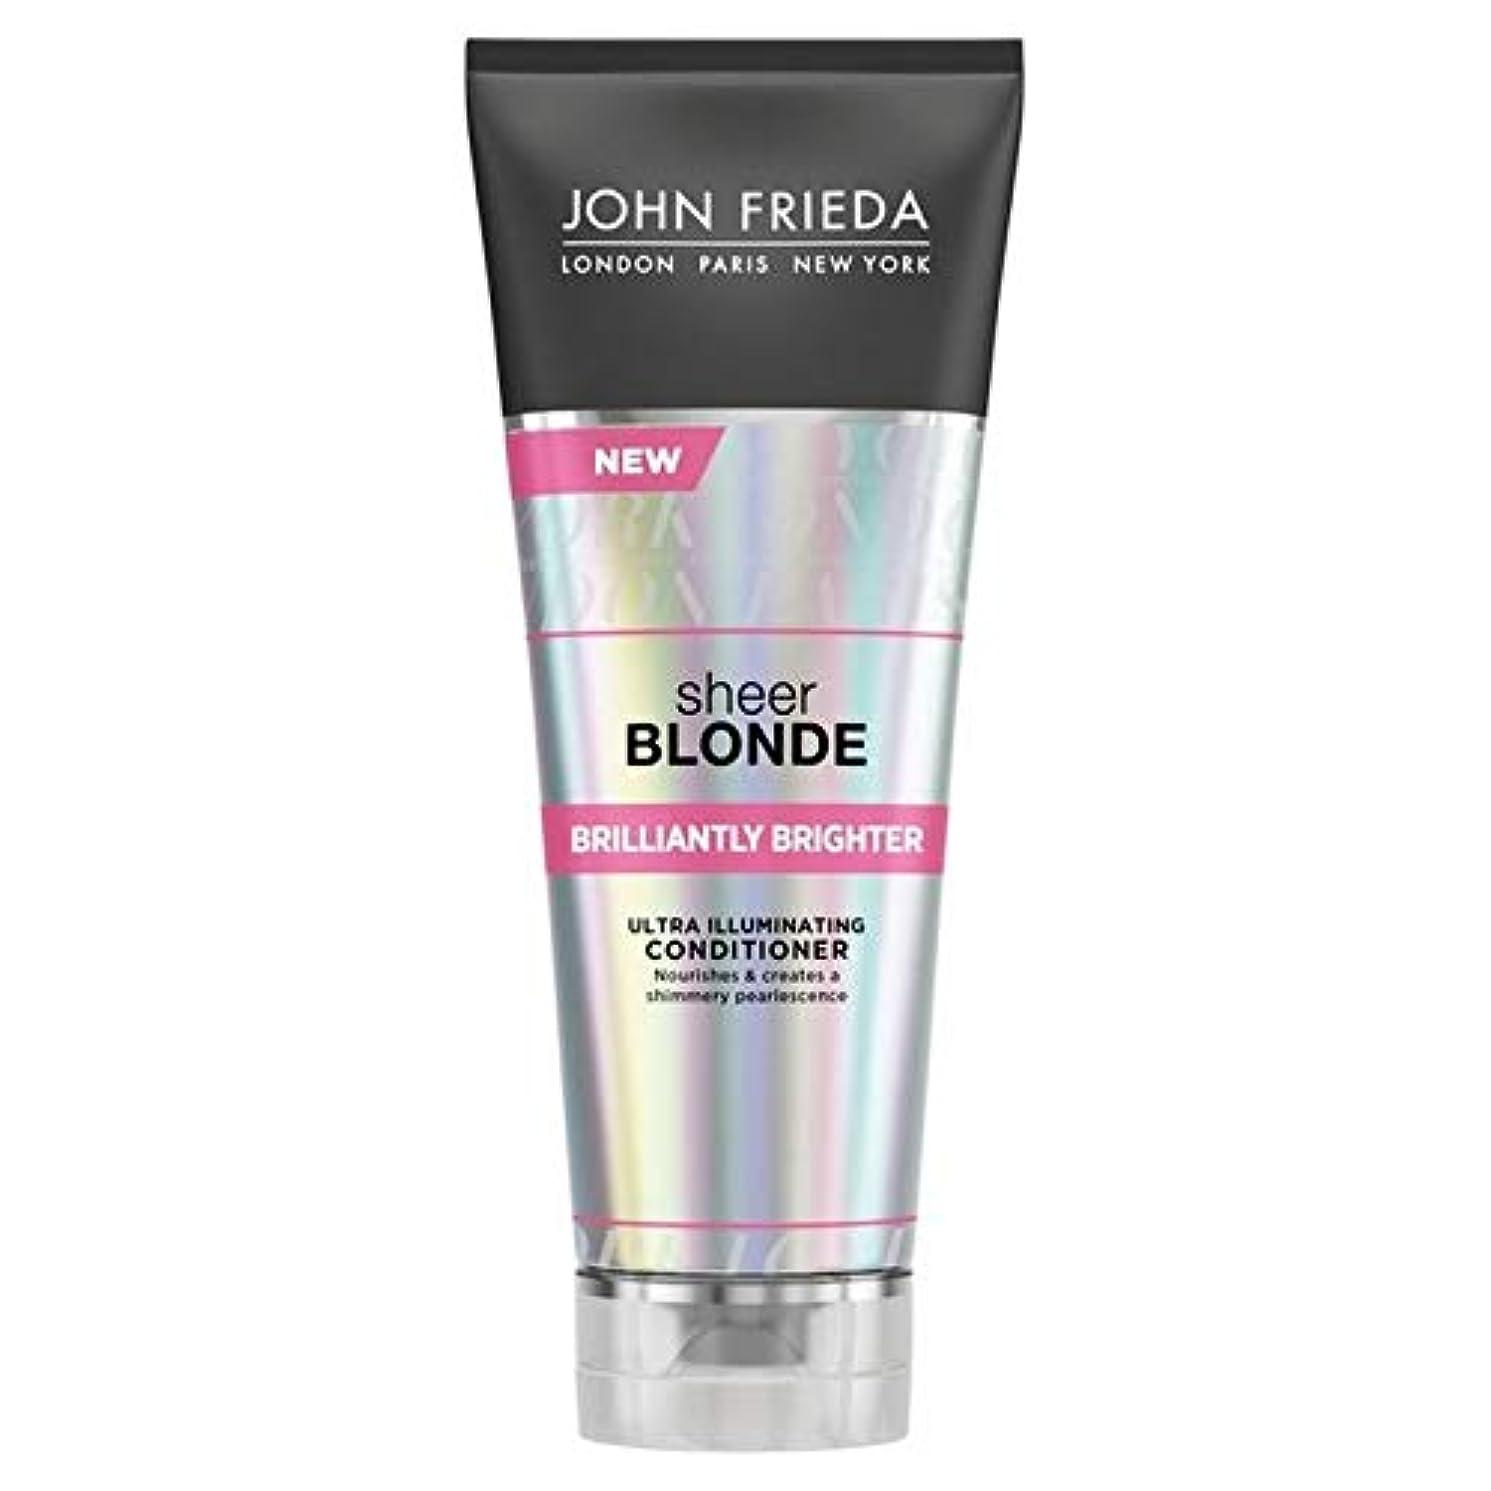 ボルトアルカイック飛行機[John Frieda ] ジョン?フリーダ膨大なブロンド見事に明るくコンディショナー250Ml - John Frieda Sheer Blonde Brilliantly Brighter Conditioner...